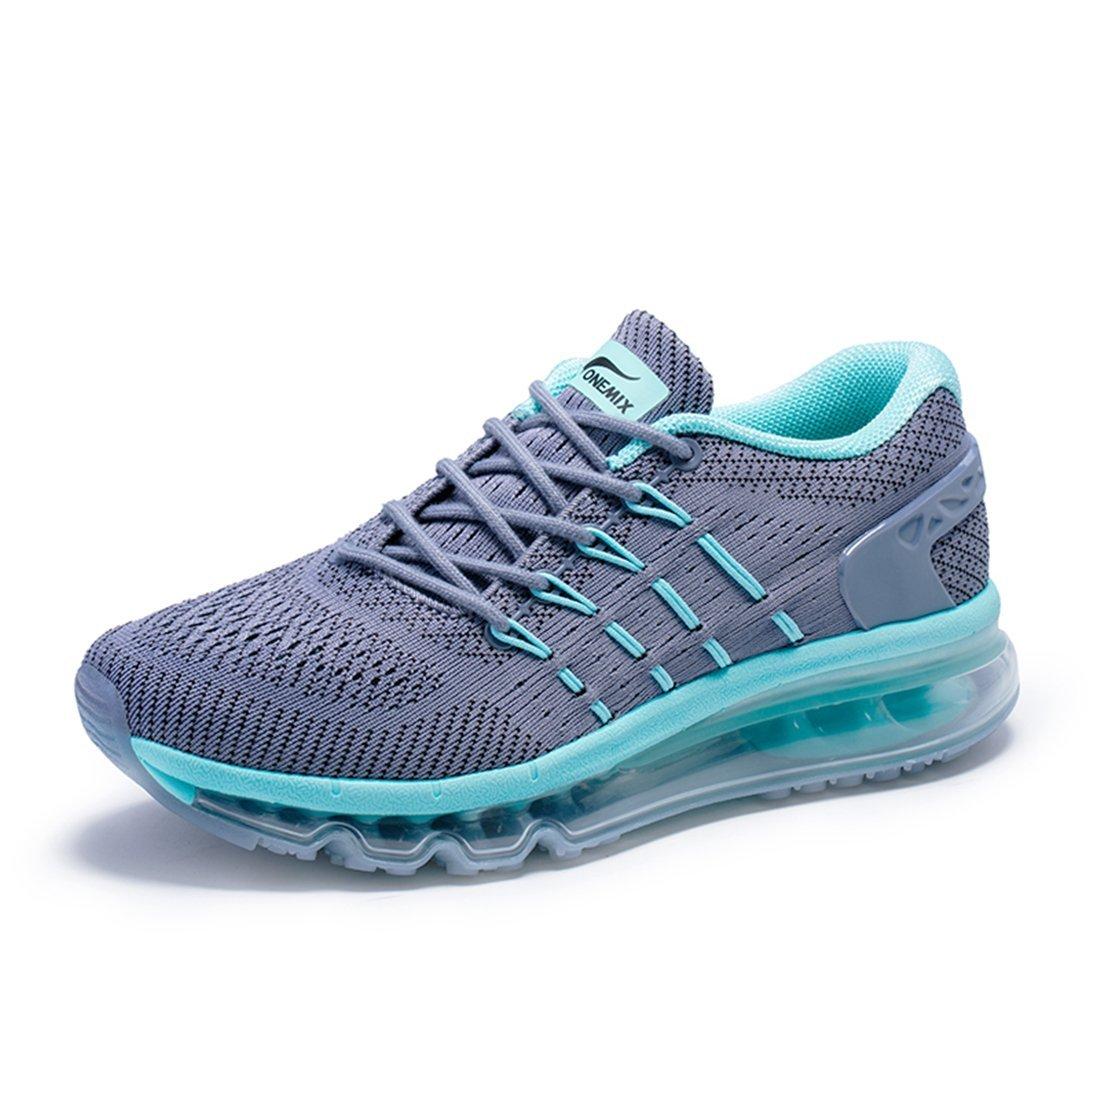 ONEMIX Sneakers Leggere da Donna - Scarpe da Corsa con Cuscino d'Aria in Mesh Traspirante A Disegno Speciale Tongue